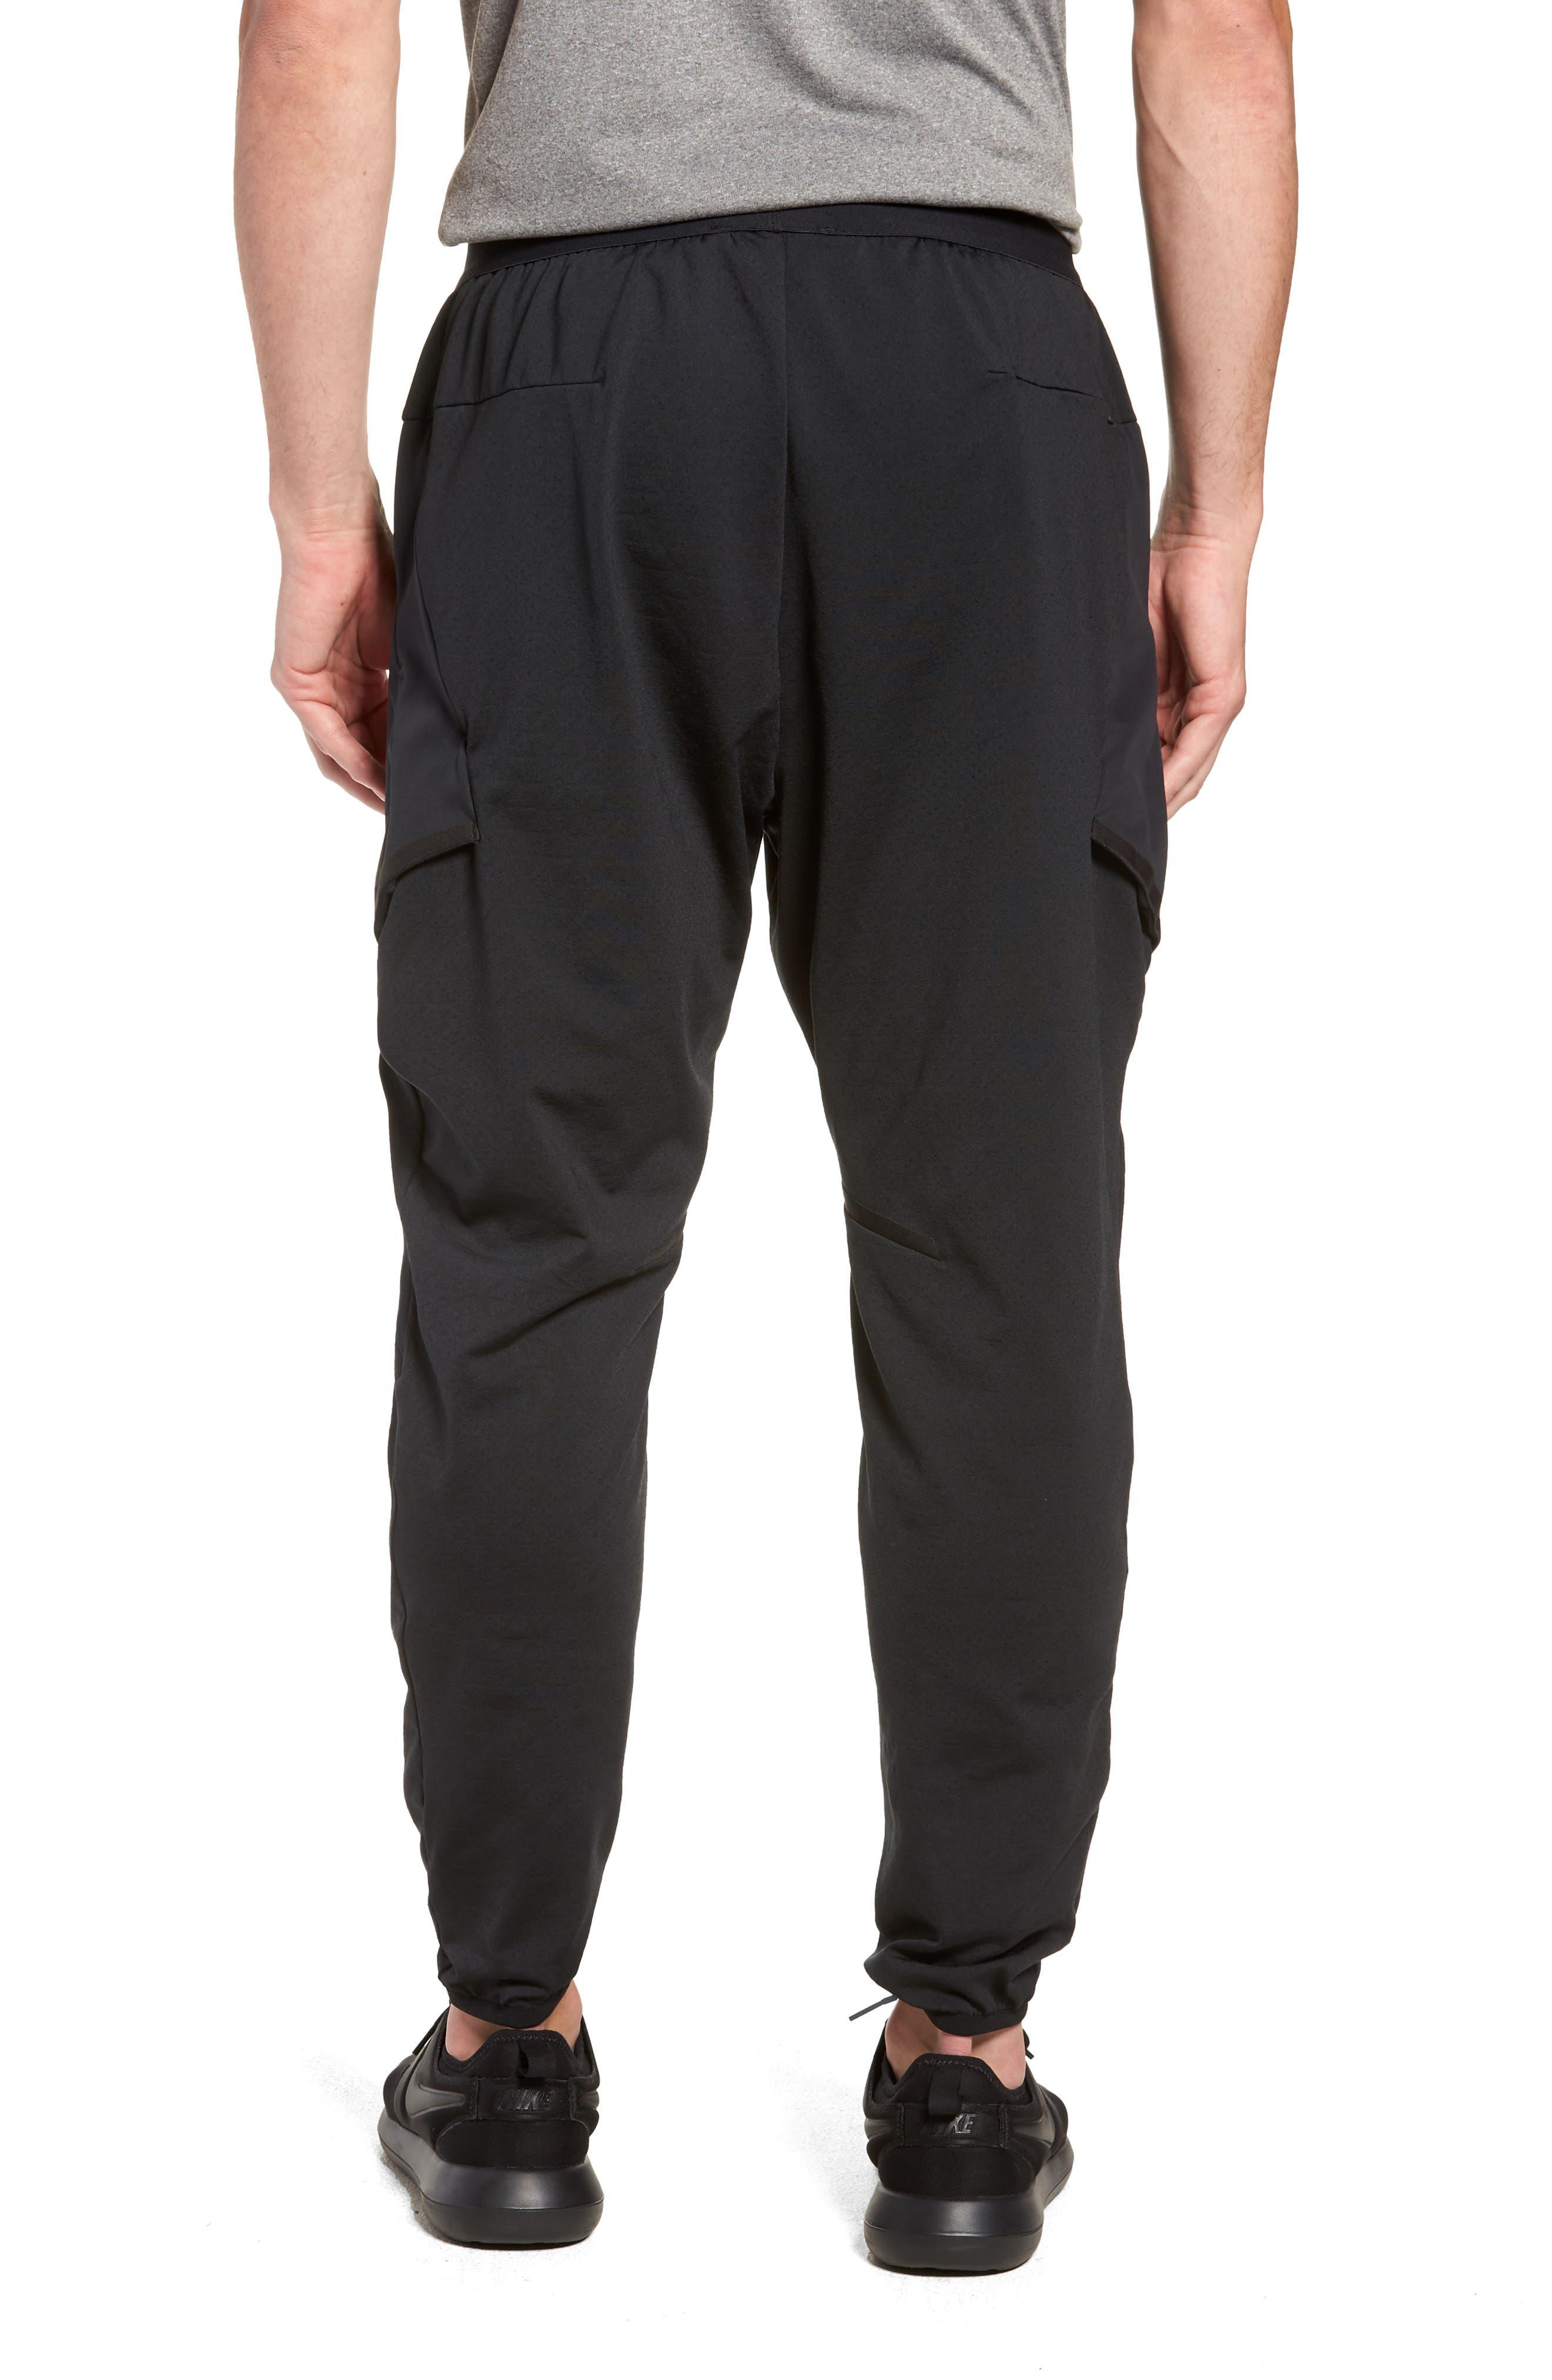 Training Flex Pants,                             Alternate thumbnail 2, color,                             BLACK/ BLACK